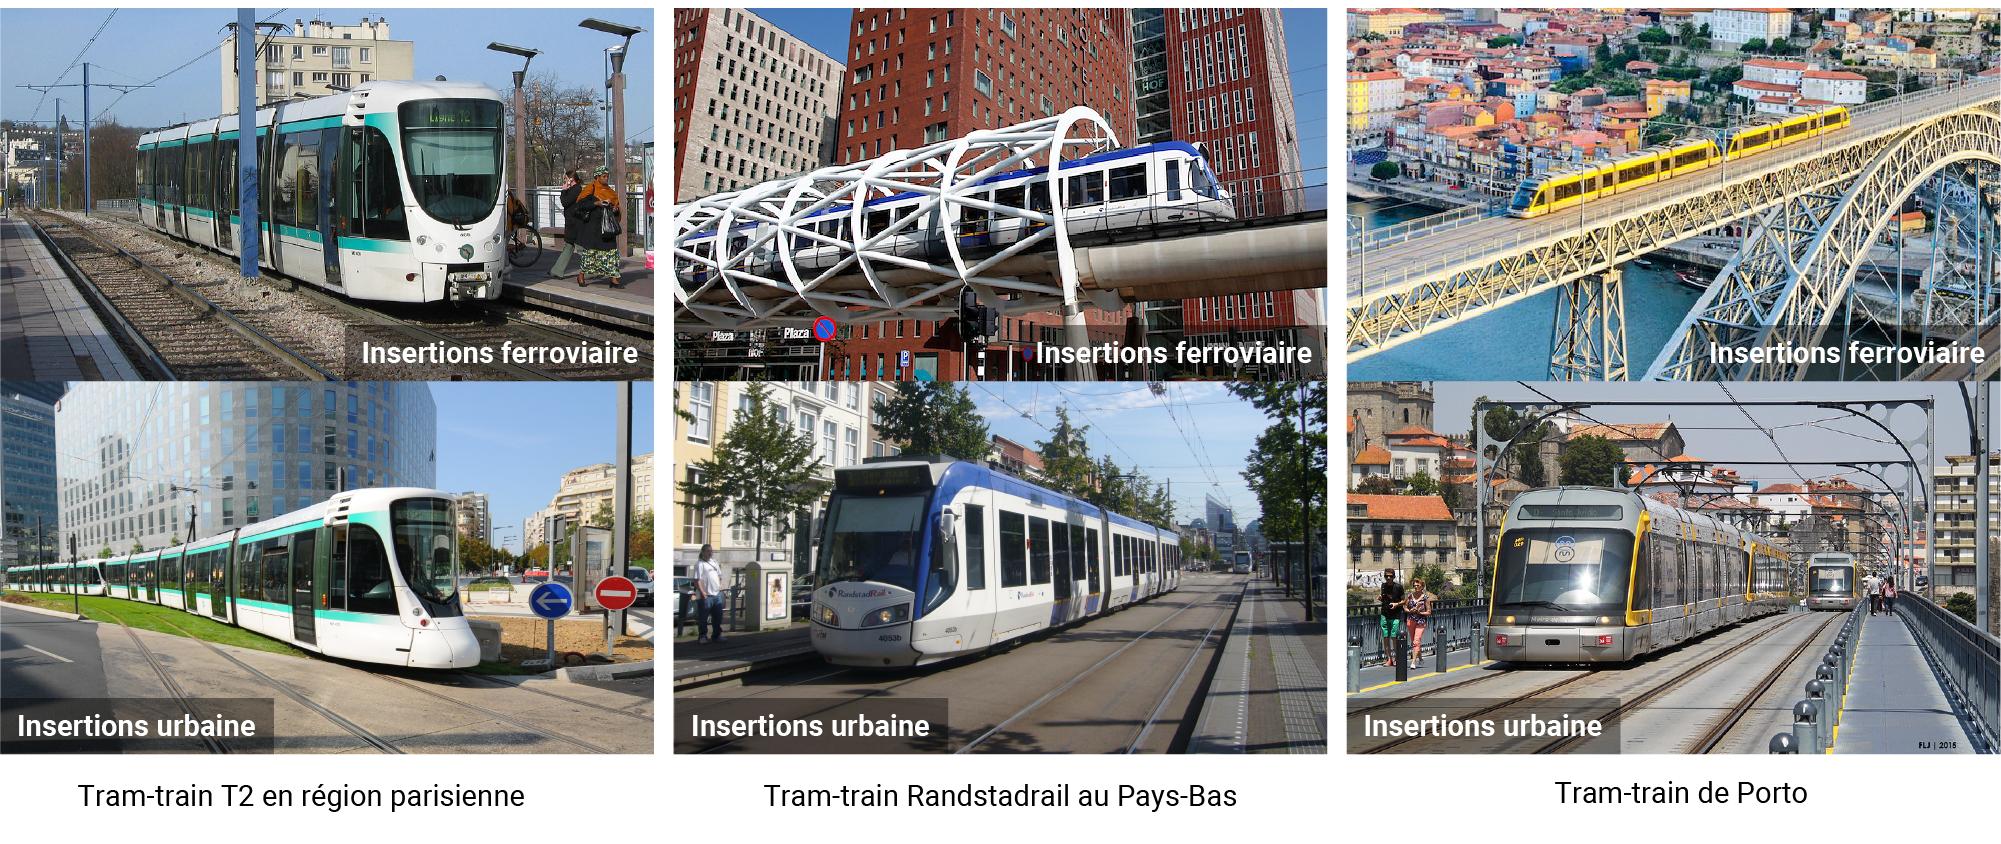 Trams-trains à travers le monde